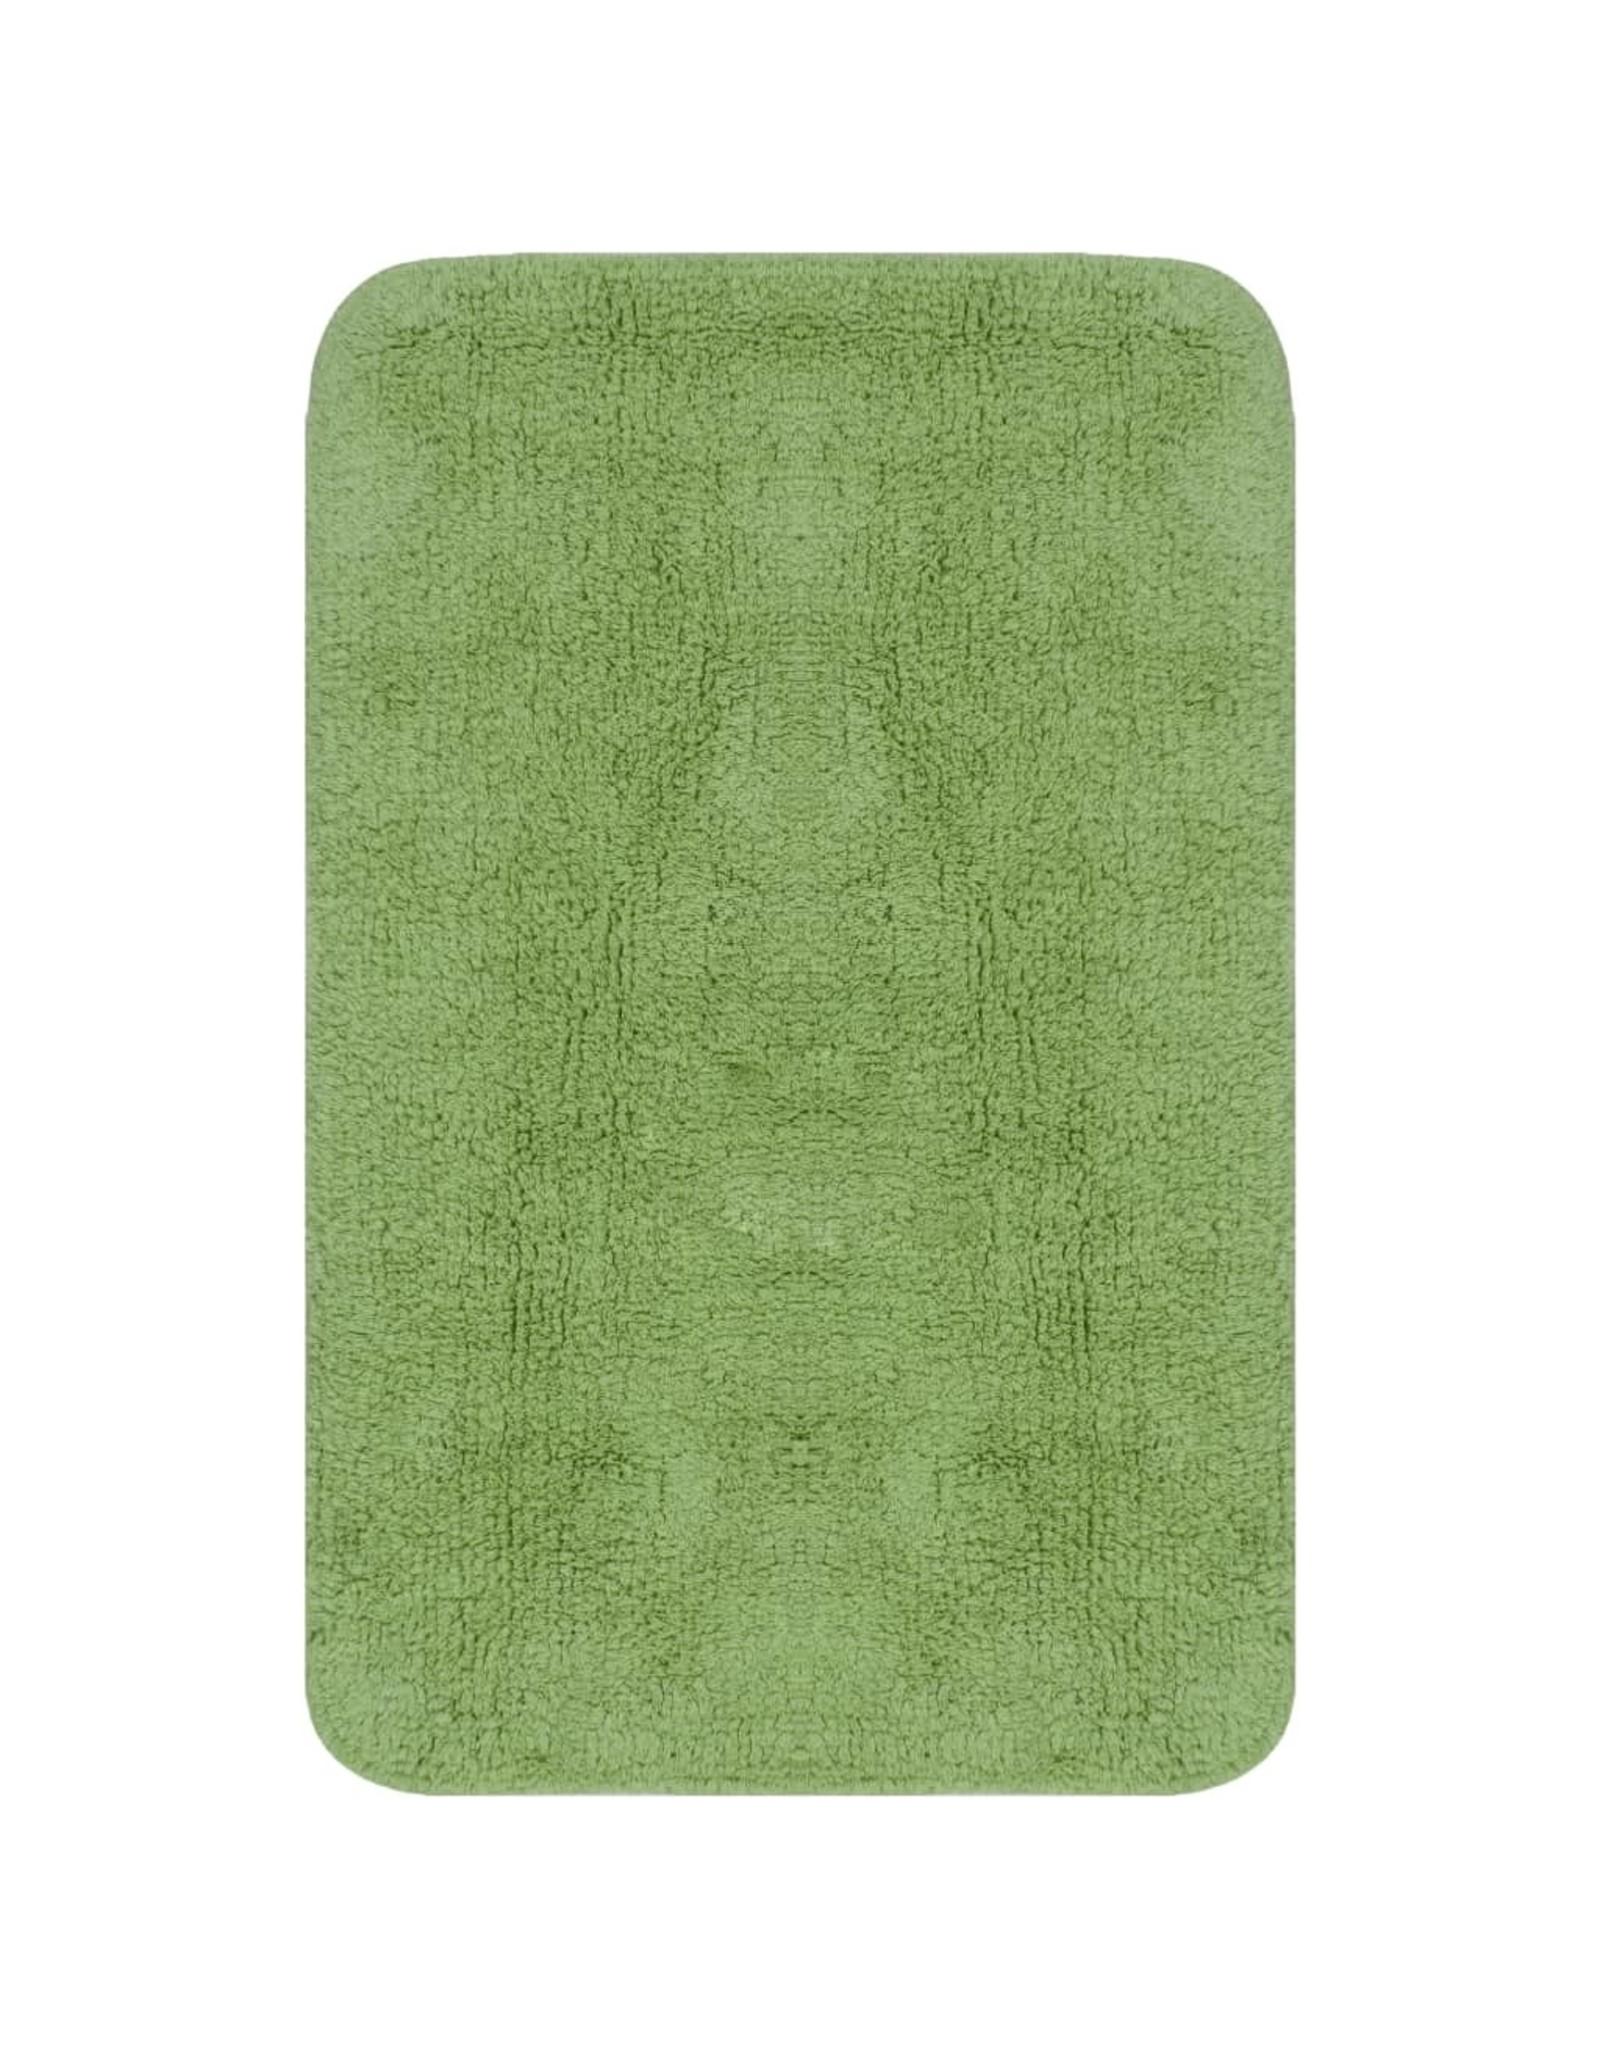 Badmattenset stof groen 3-delig